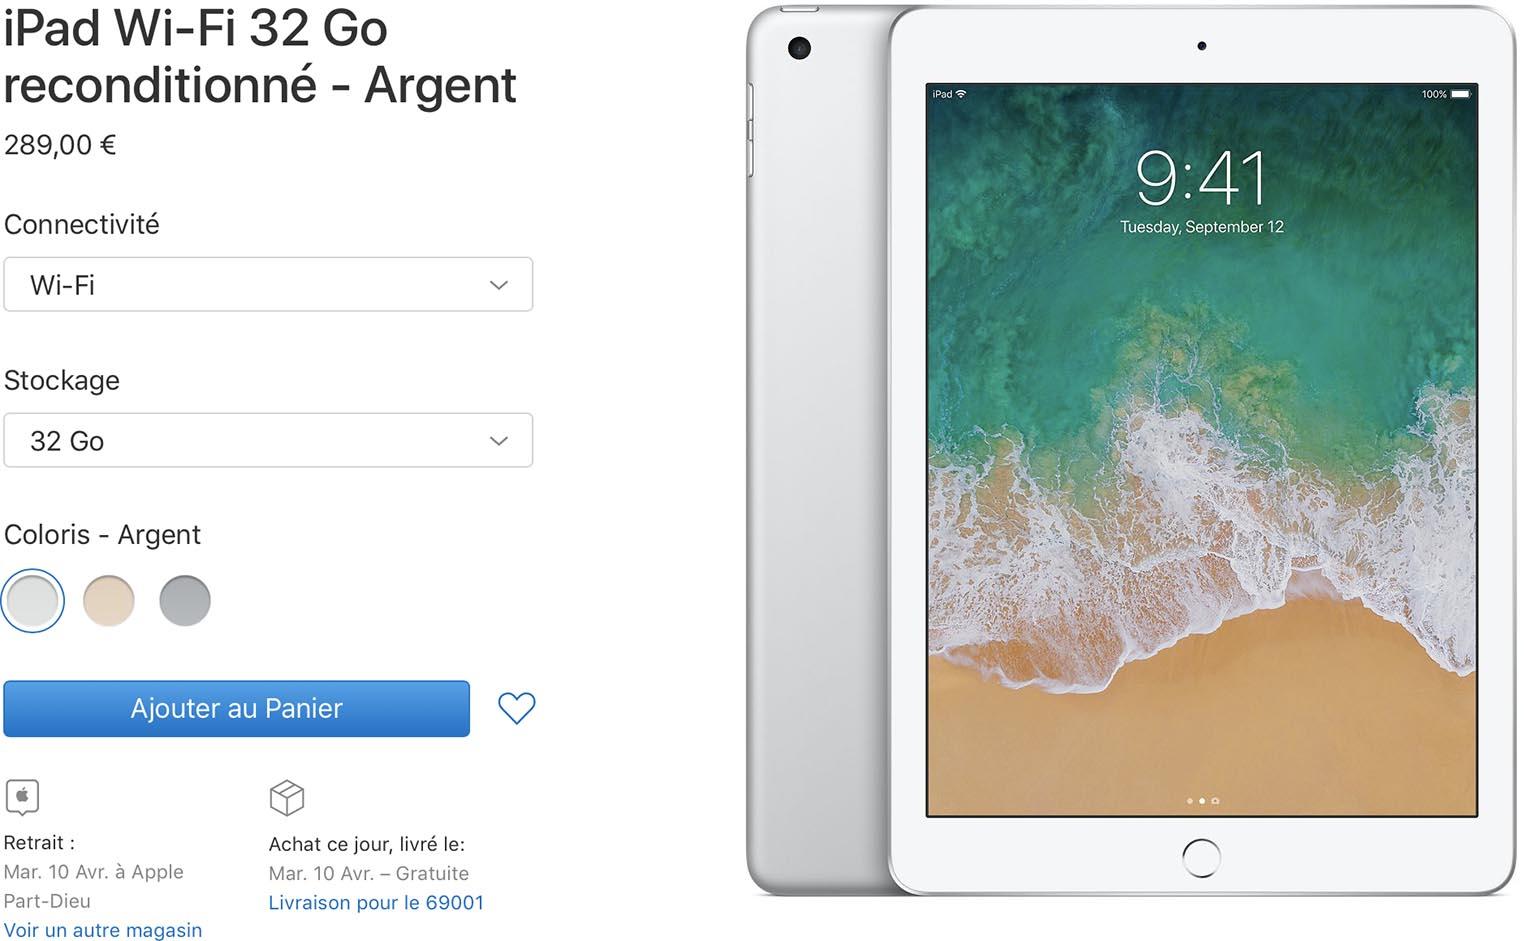 iPad 2017 Refurb Store